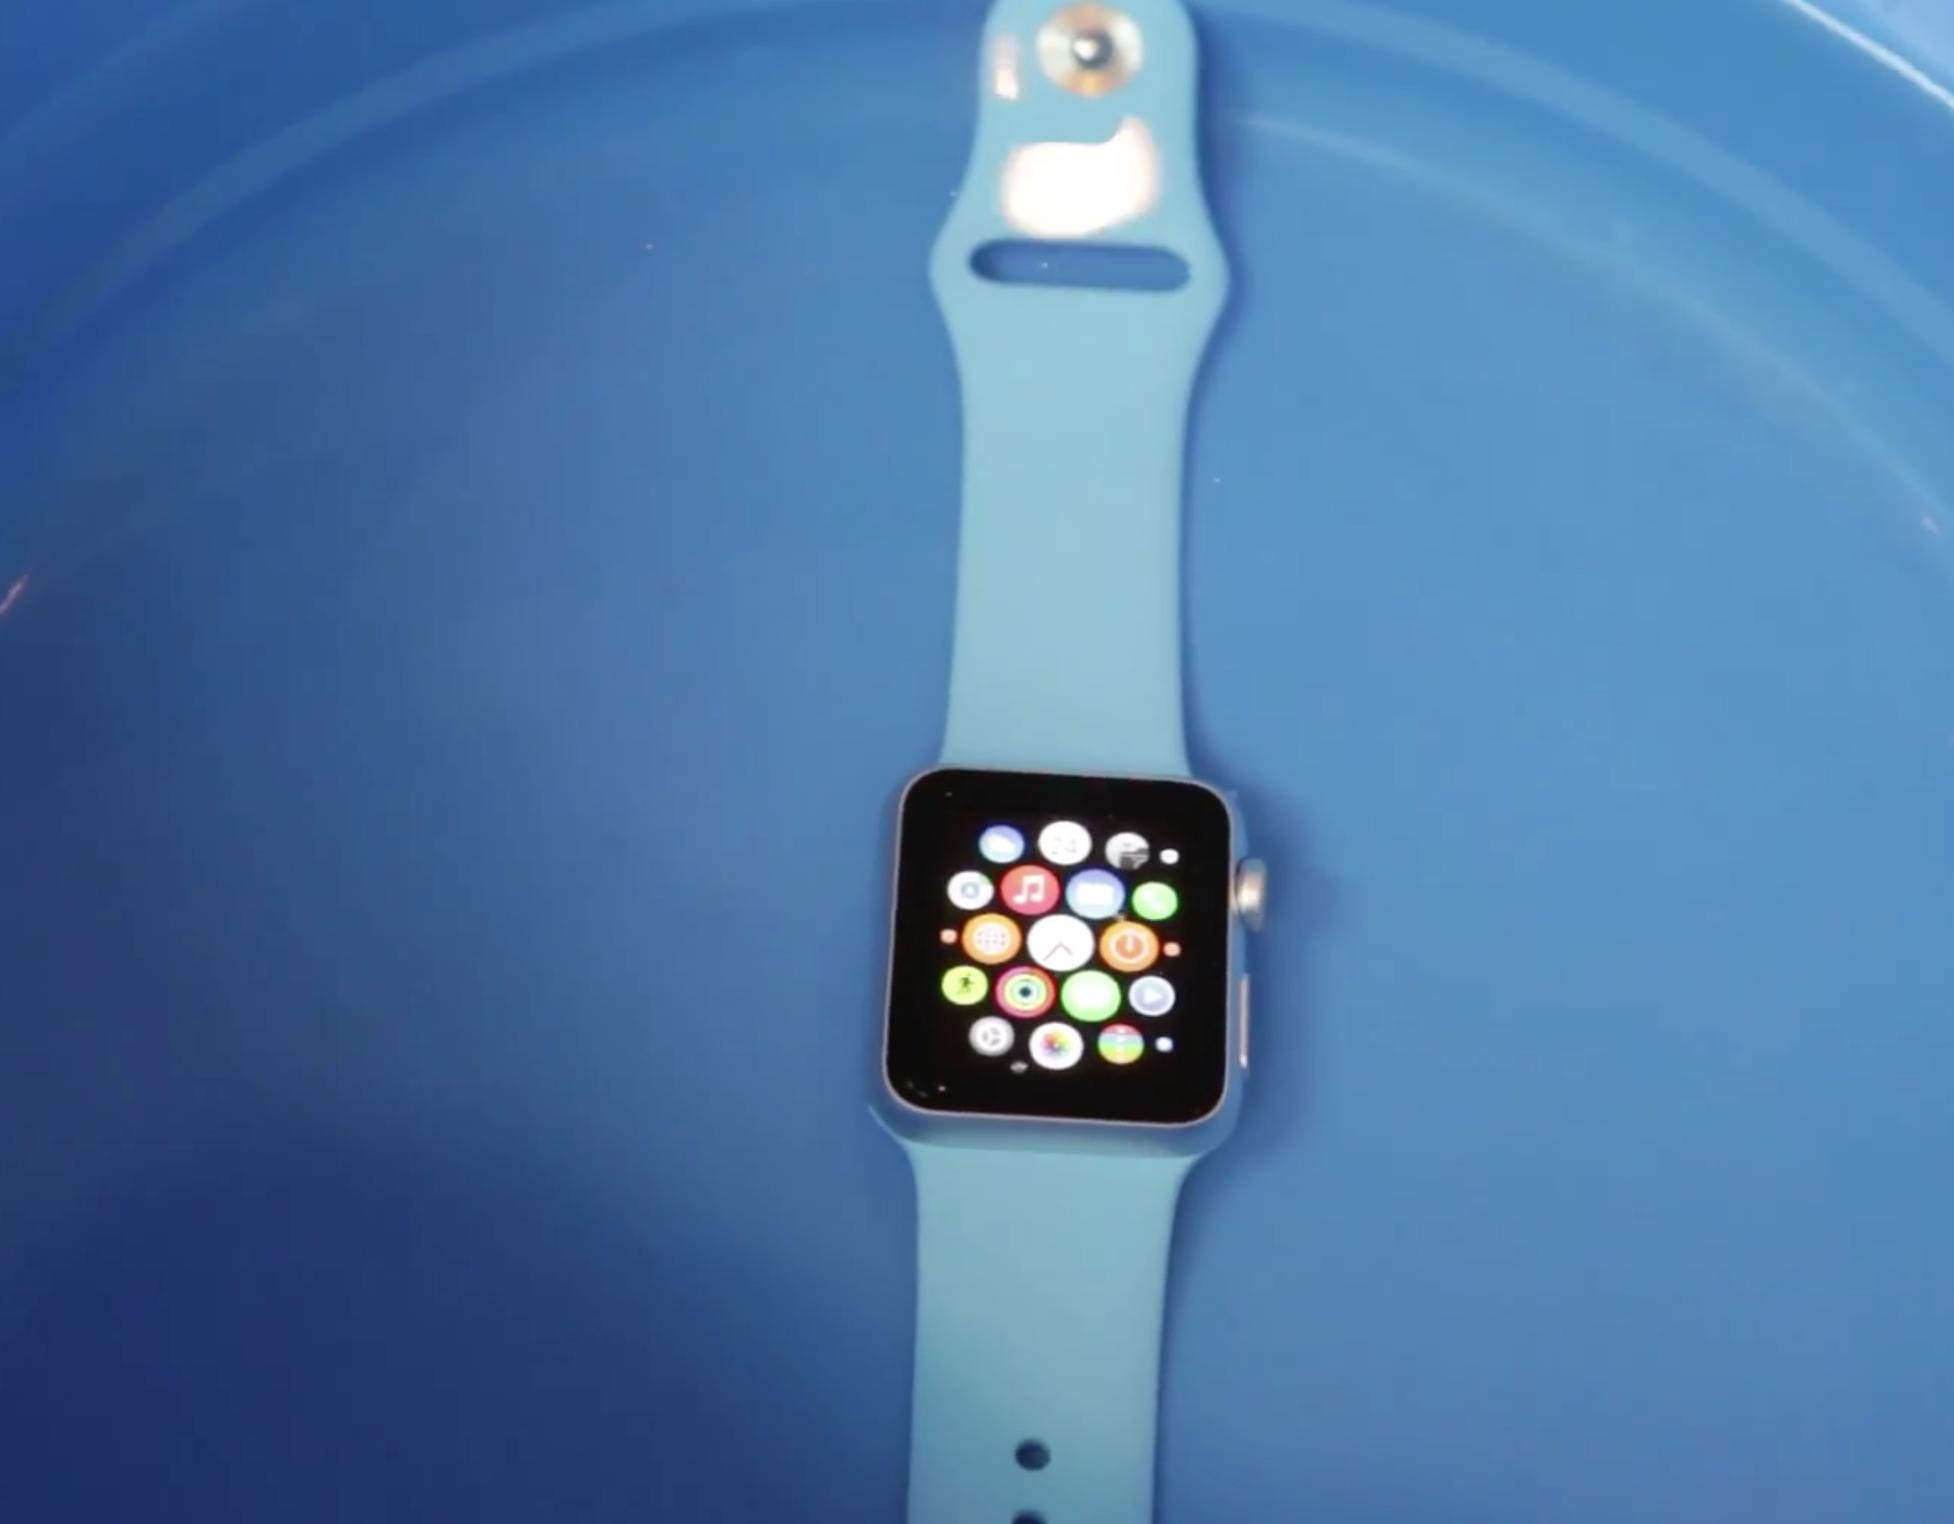 Apple Watch in Water